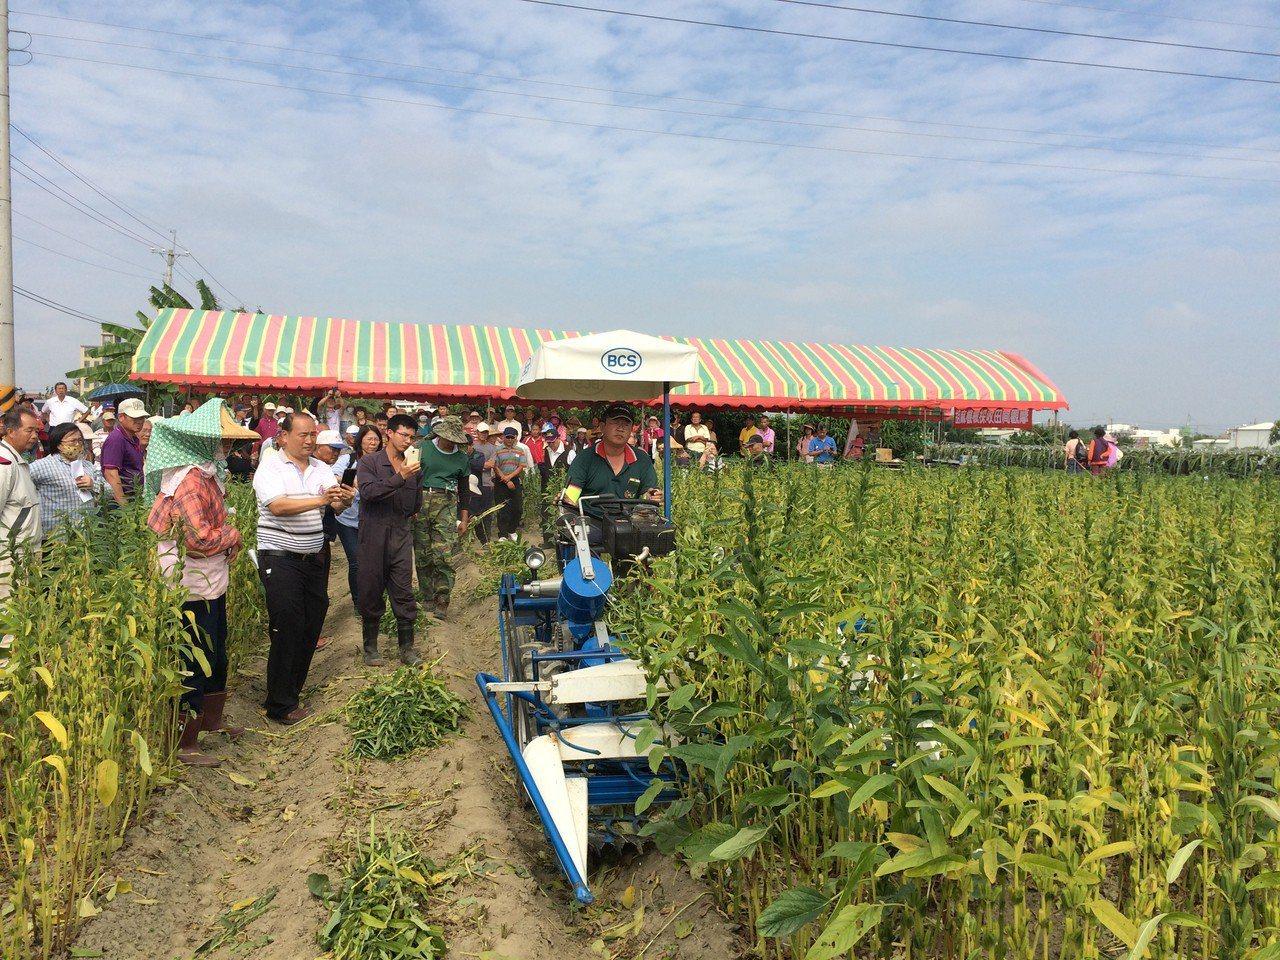 台南區農業改良場從國外引進乘坐式割捆機並加以改良,可大幅改善胡麻採收人力缺乏問題...